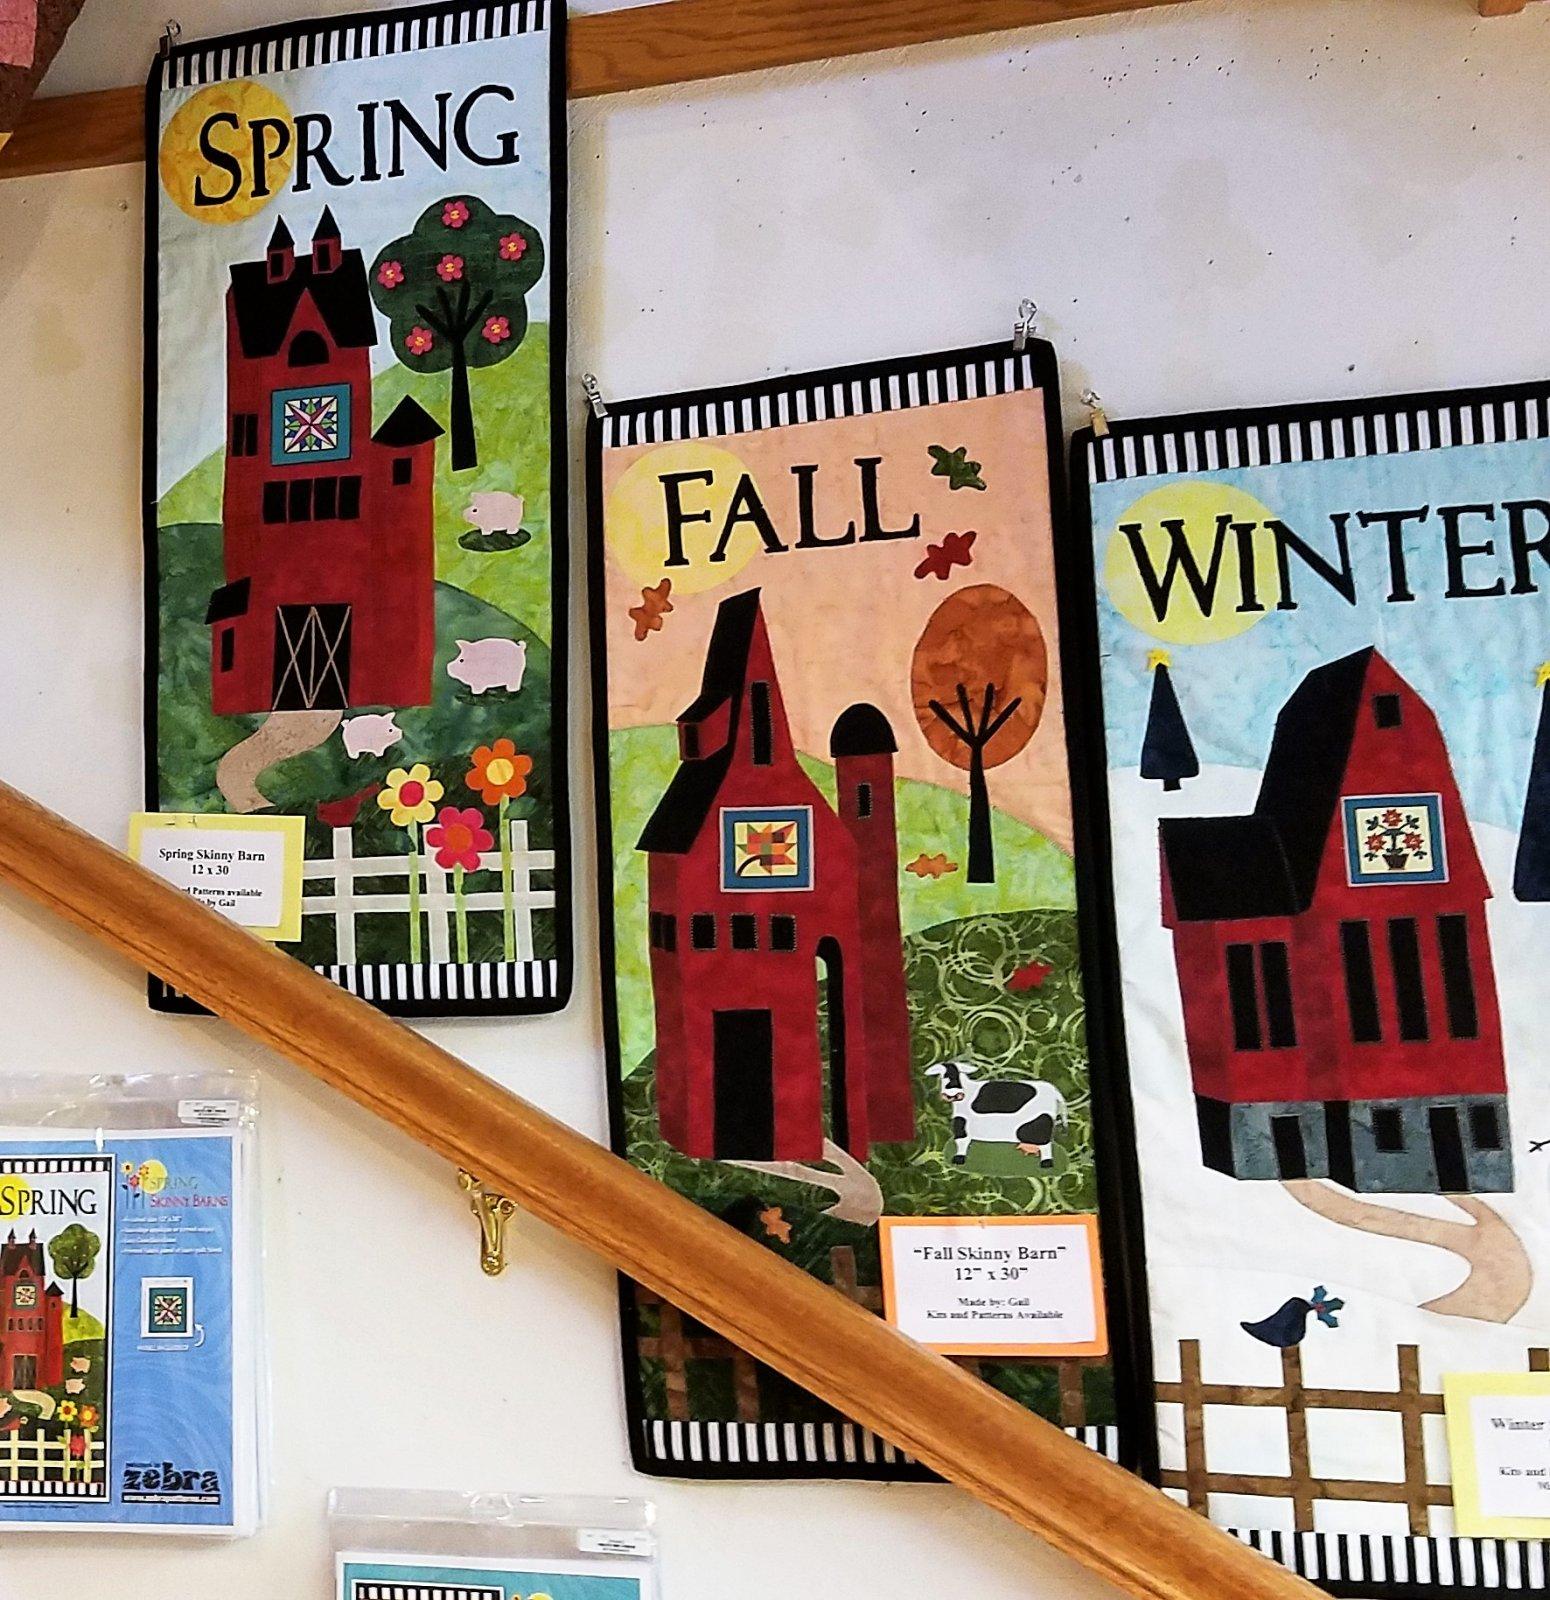 Spring Skinny Barn Kit